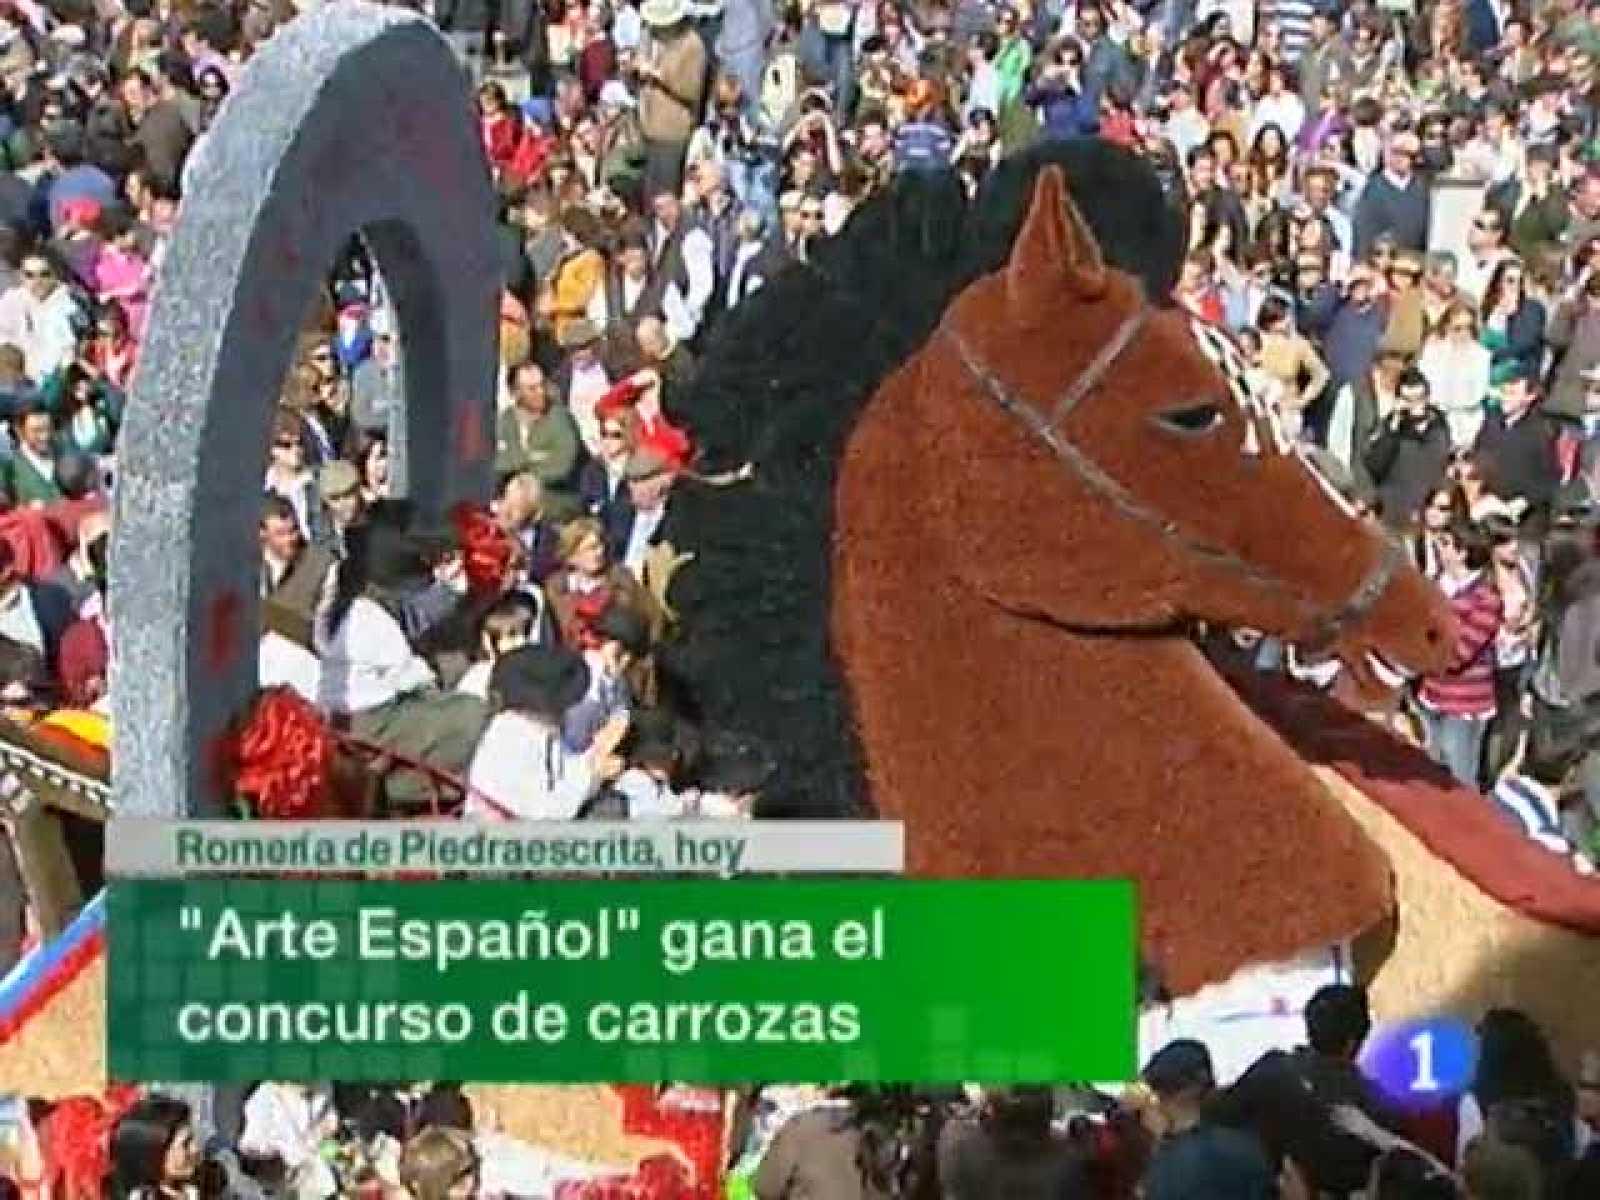 Noticias de Extremadura. Informativo Territorial de Extremadura. (05/04/2010)